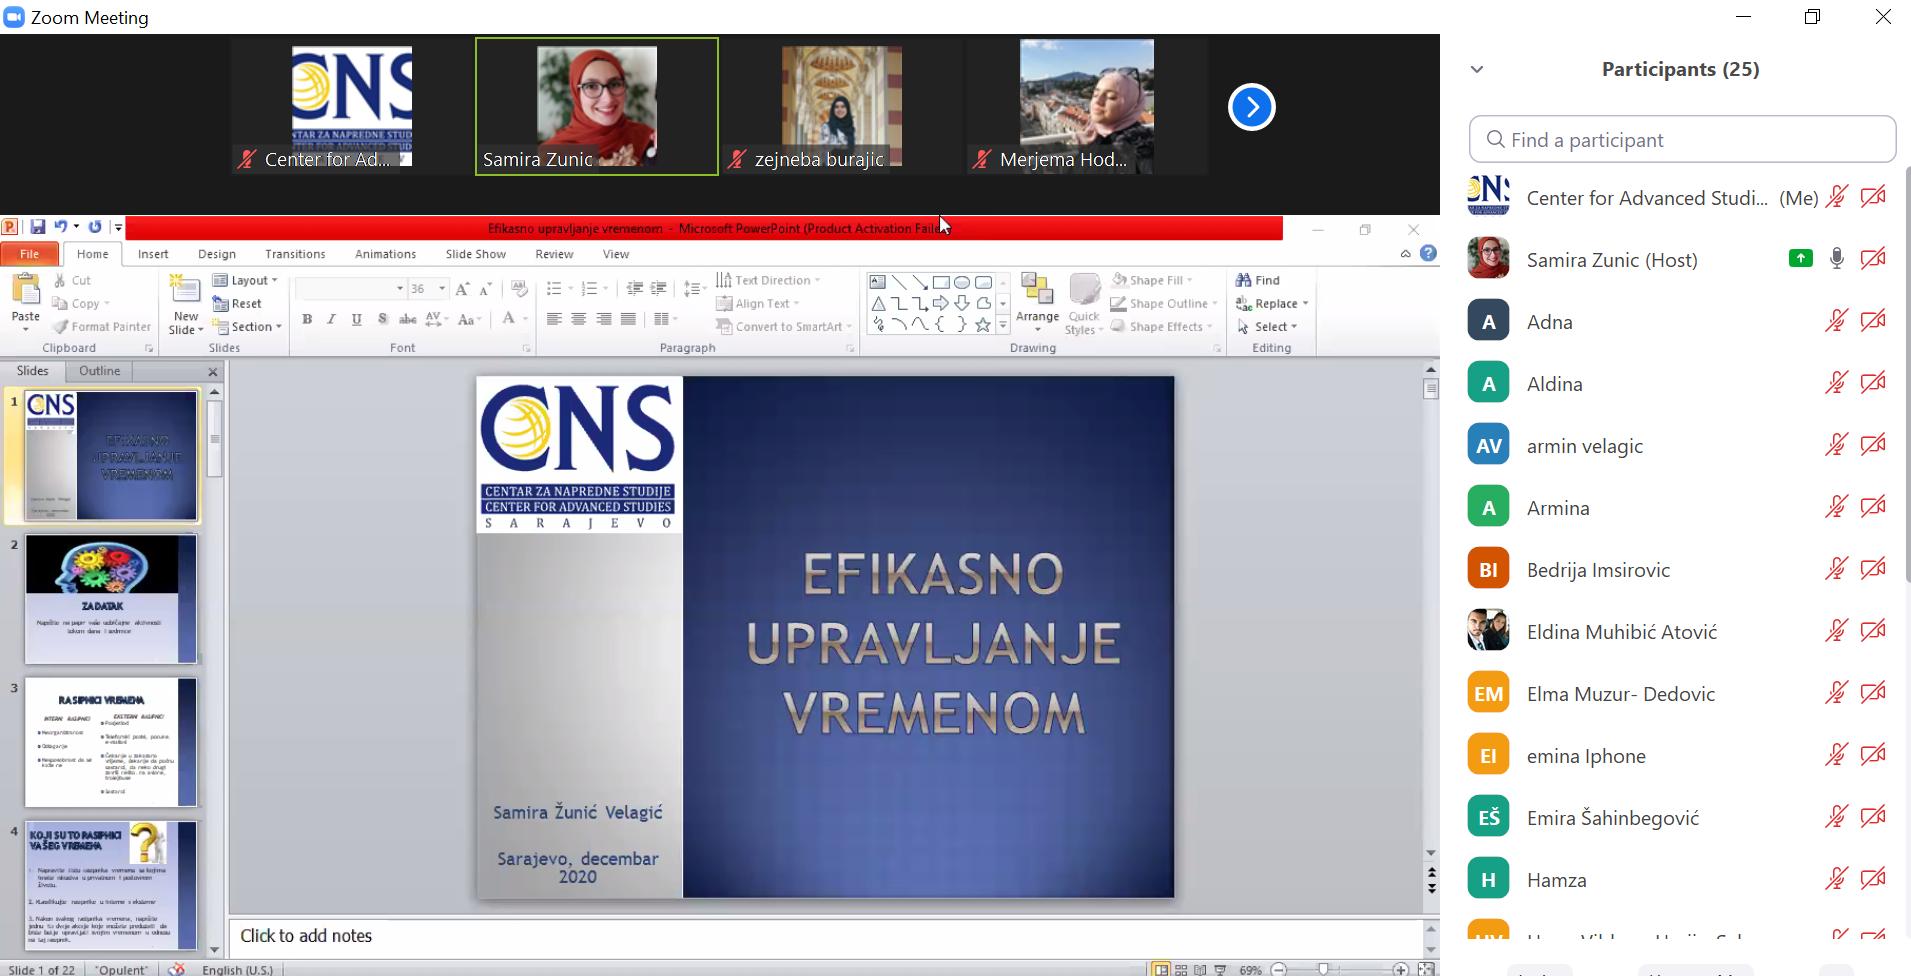 Održana dva webinara u organizaciji CNSa